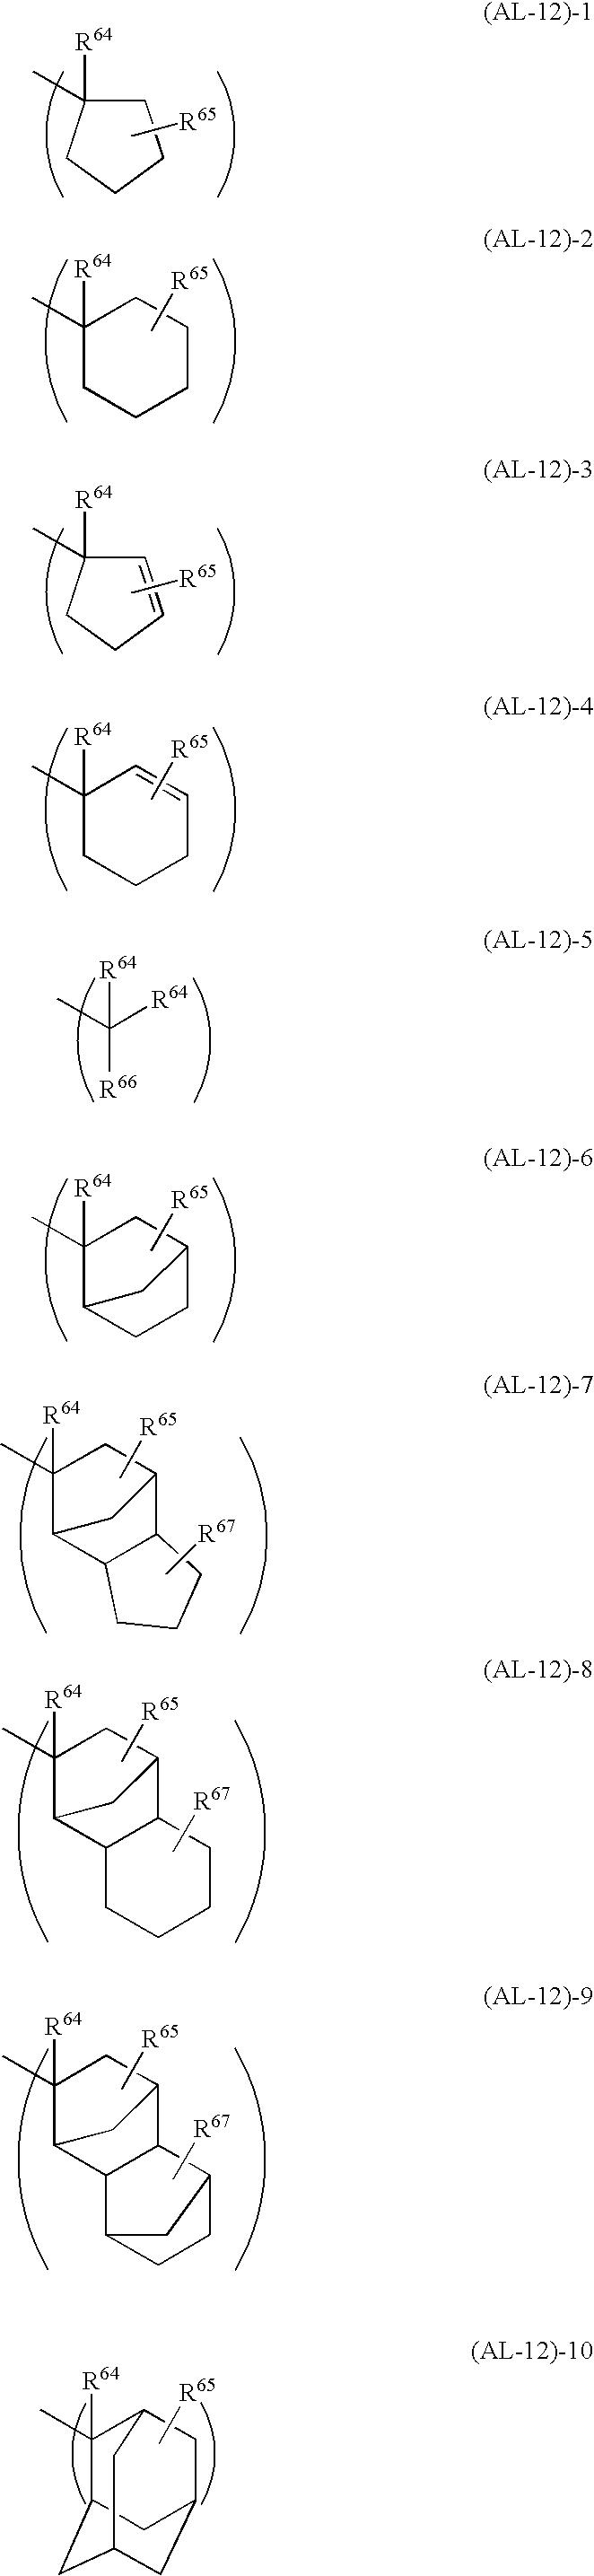 Figure US20100178617A1-20100715-C00017